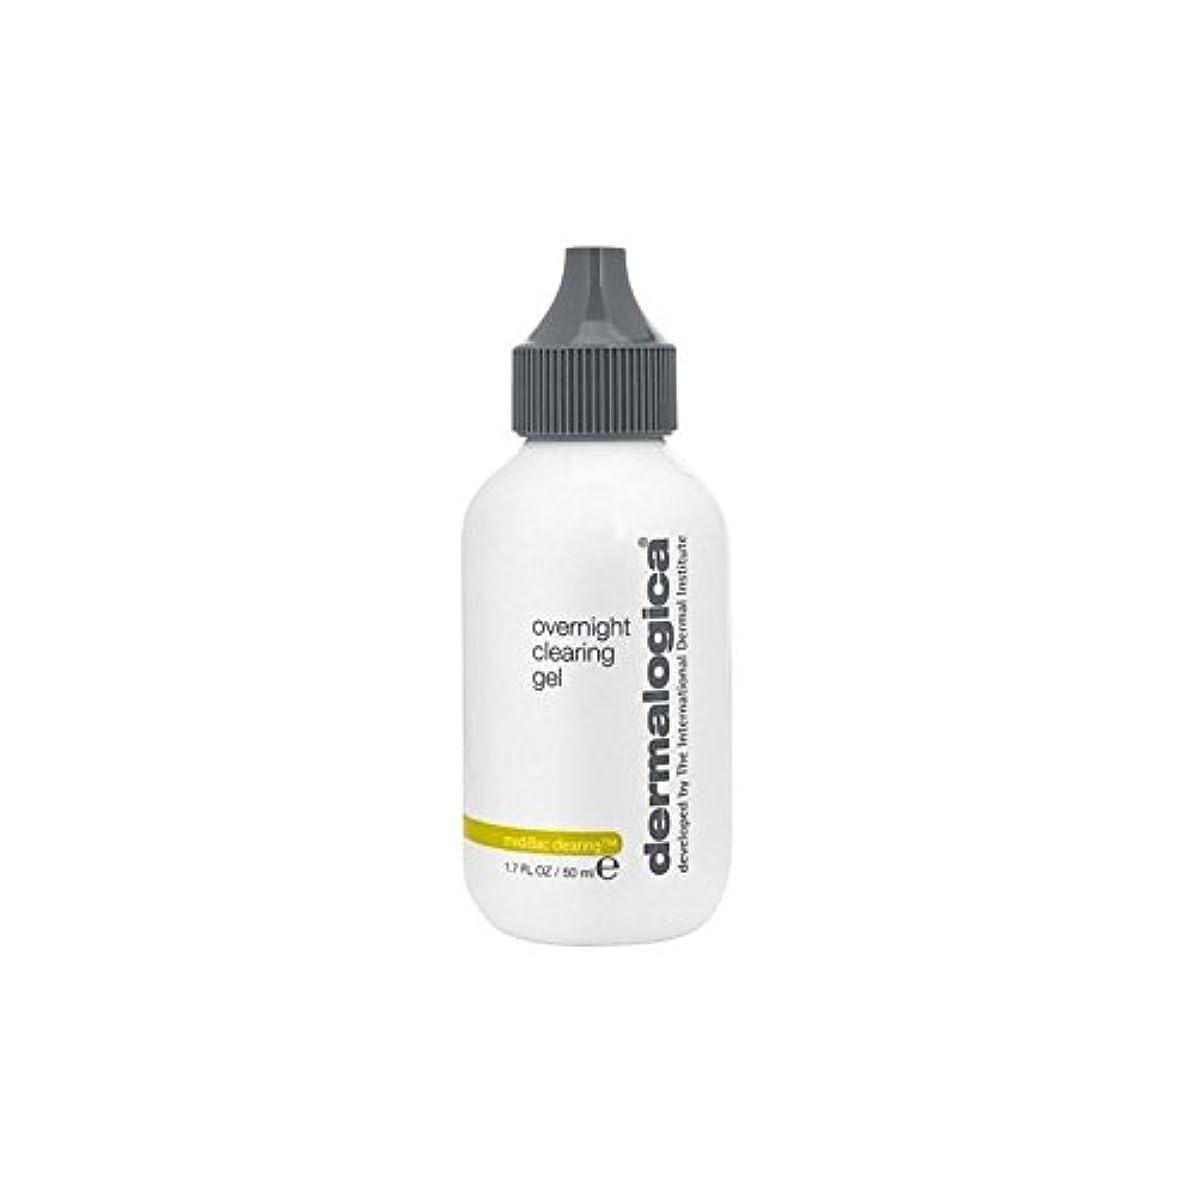 墓結果注文ダーマロジカ一晩透明ゲル(50)中 x2 - Dermalogica Medibac Overnight Clearing Gel (50ml) (Pack of 2) [並行輸入品]